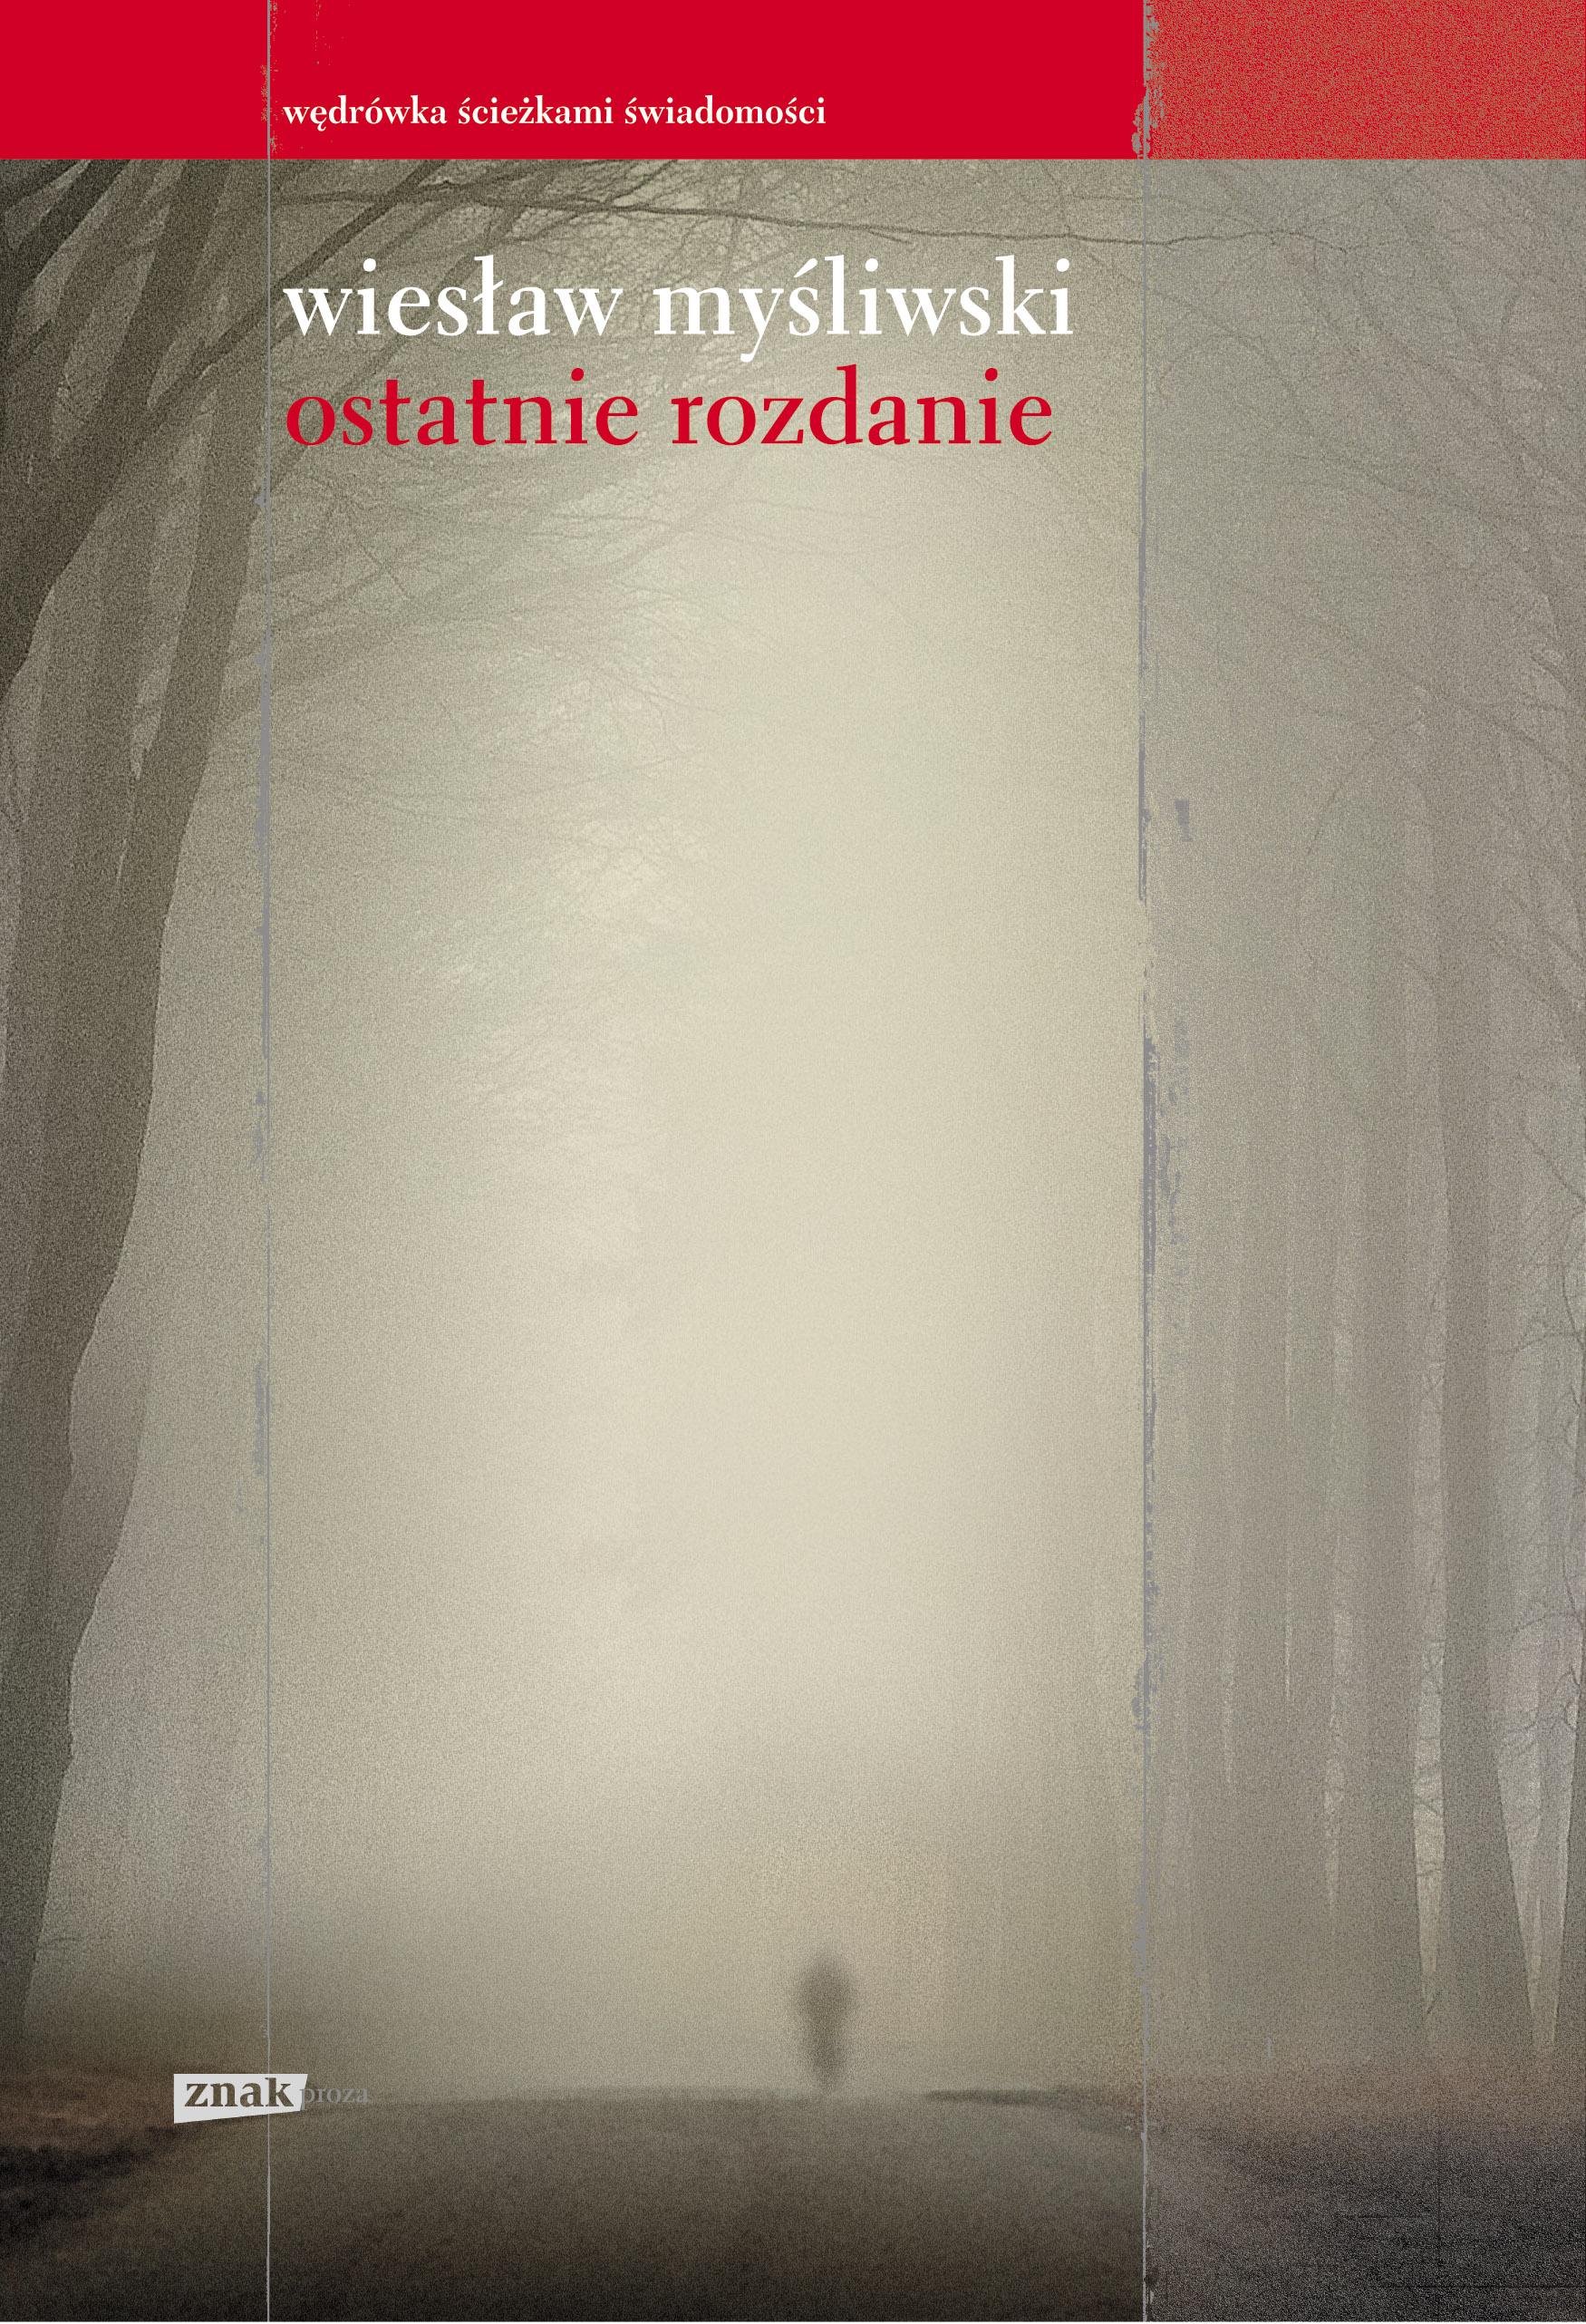 """Wiesław Myśliwski """"Ostatnie rozdanie"""" (źródło: materiały prasowe)"""